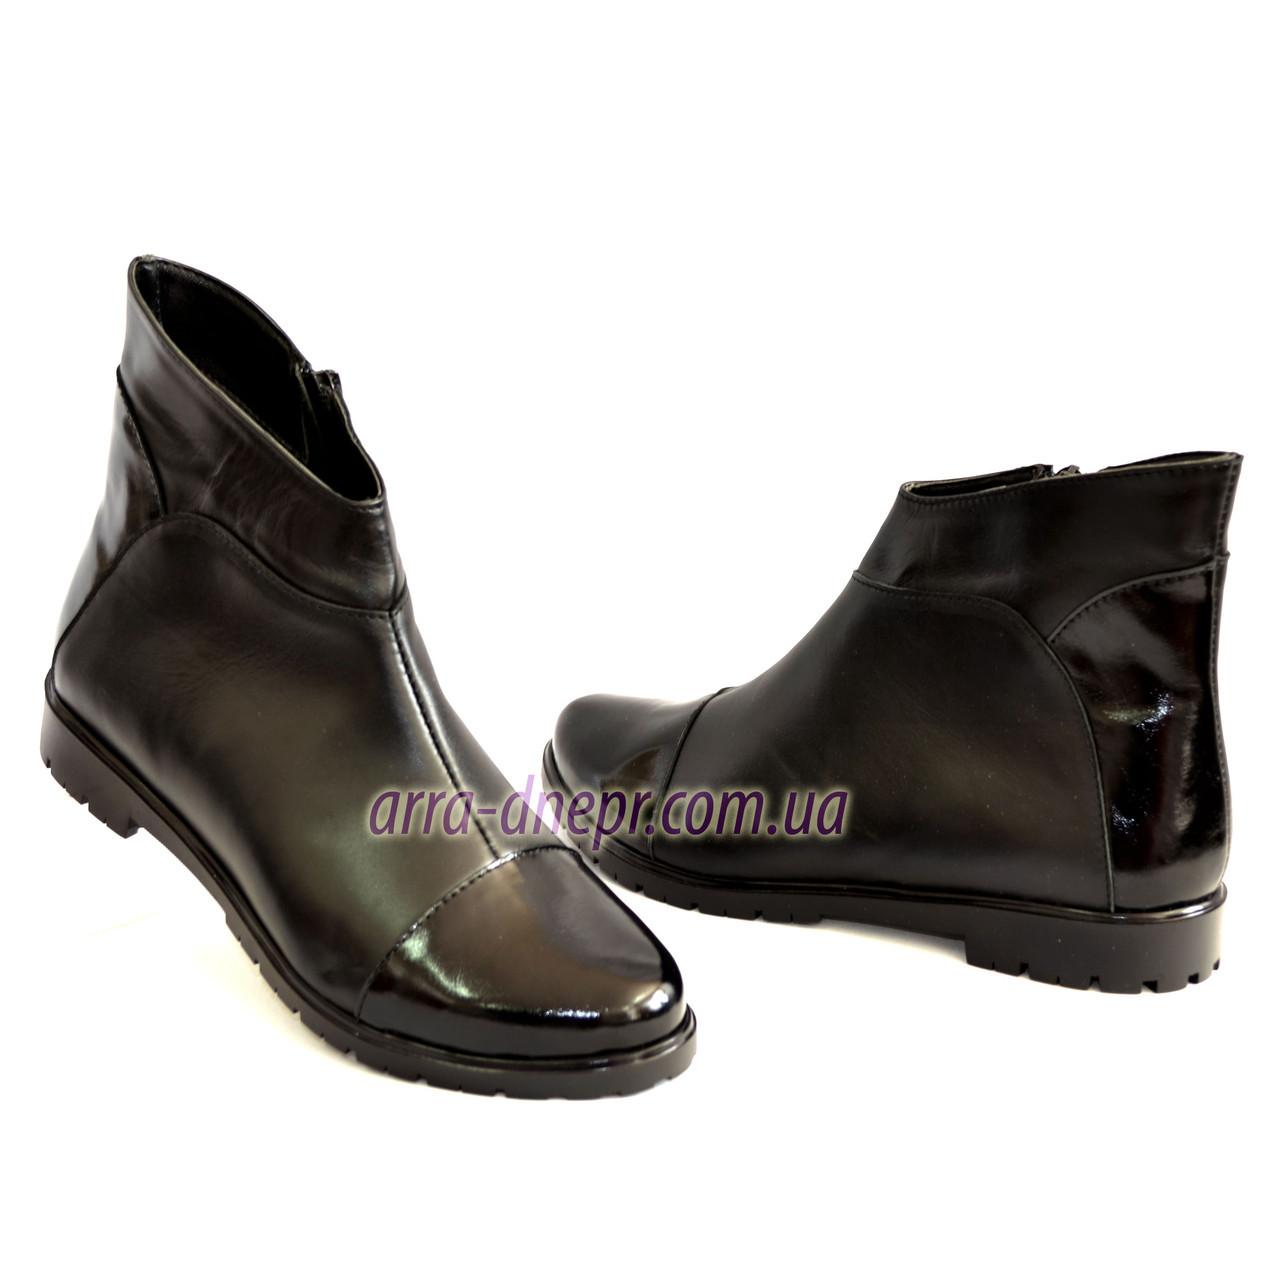 Женские демисезонные ботинки на низом ходу, натуральная кожа и лак.